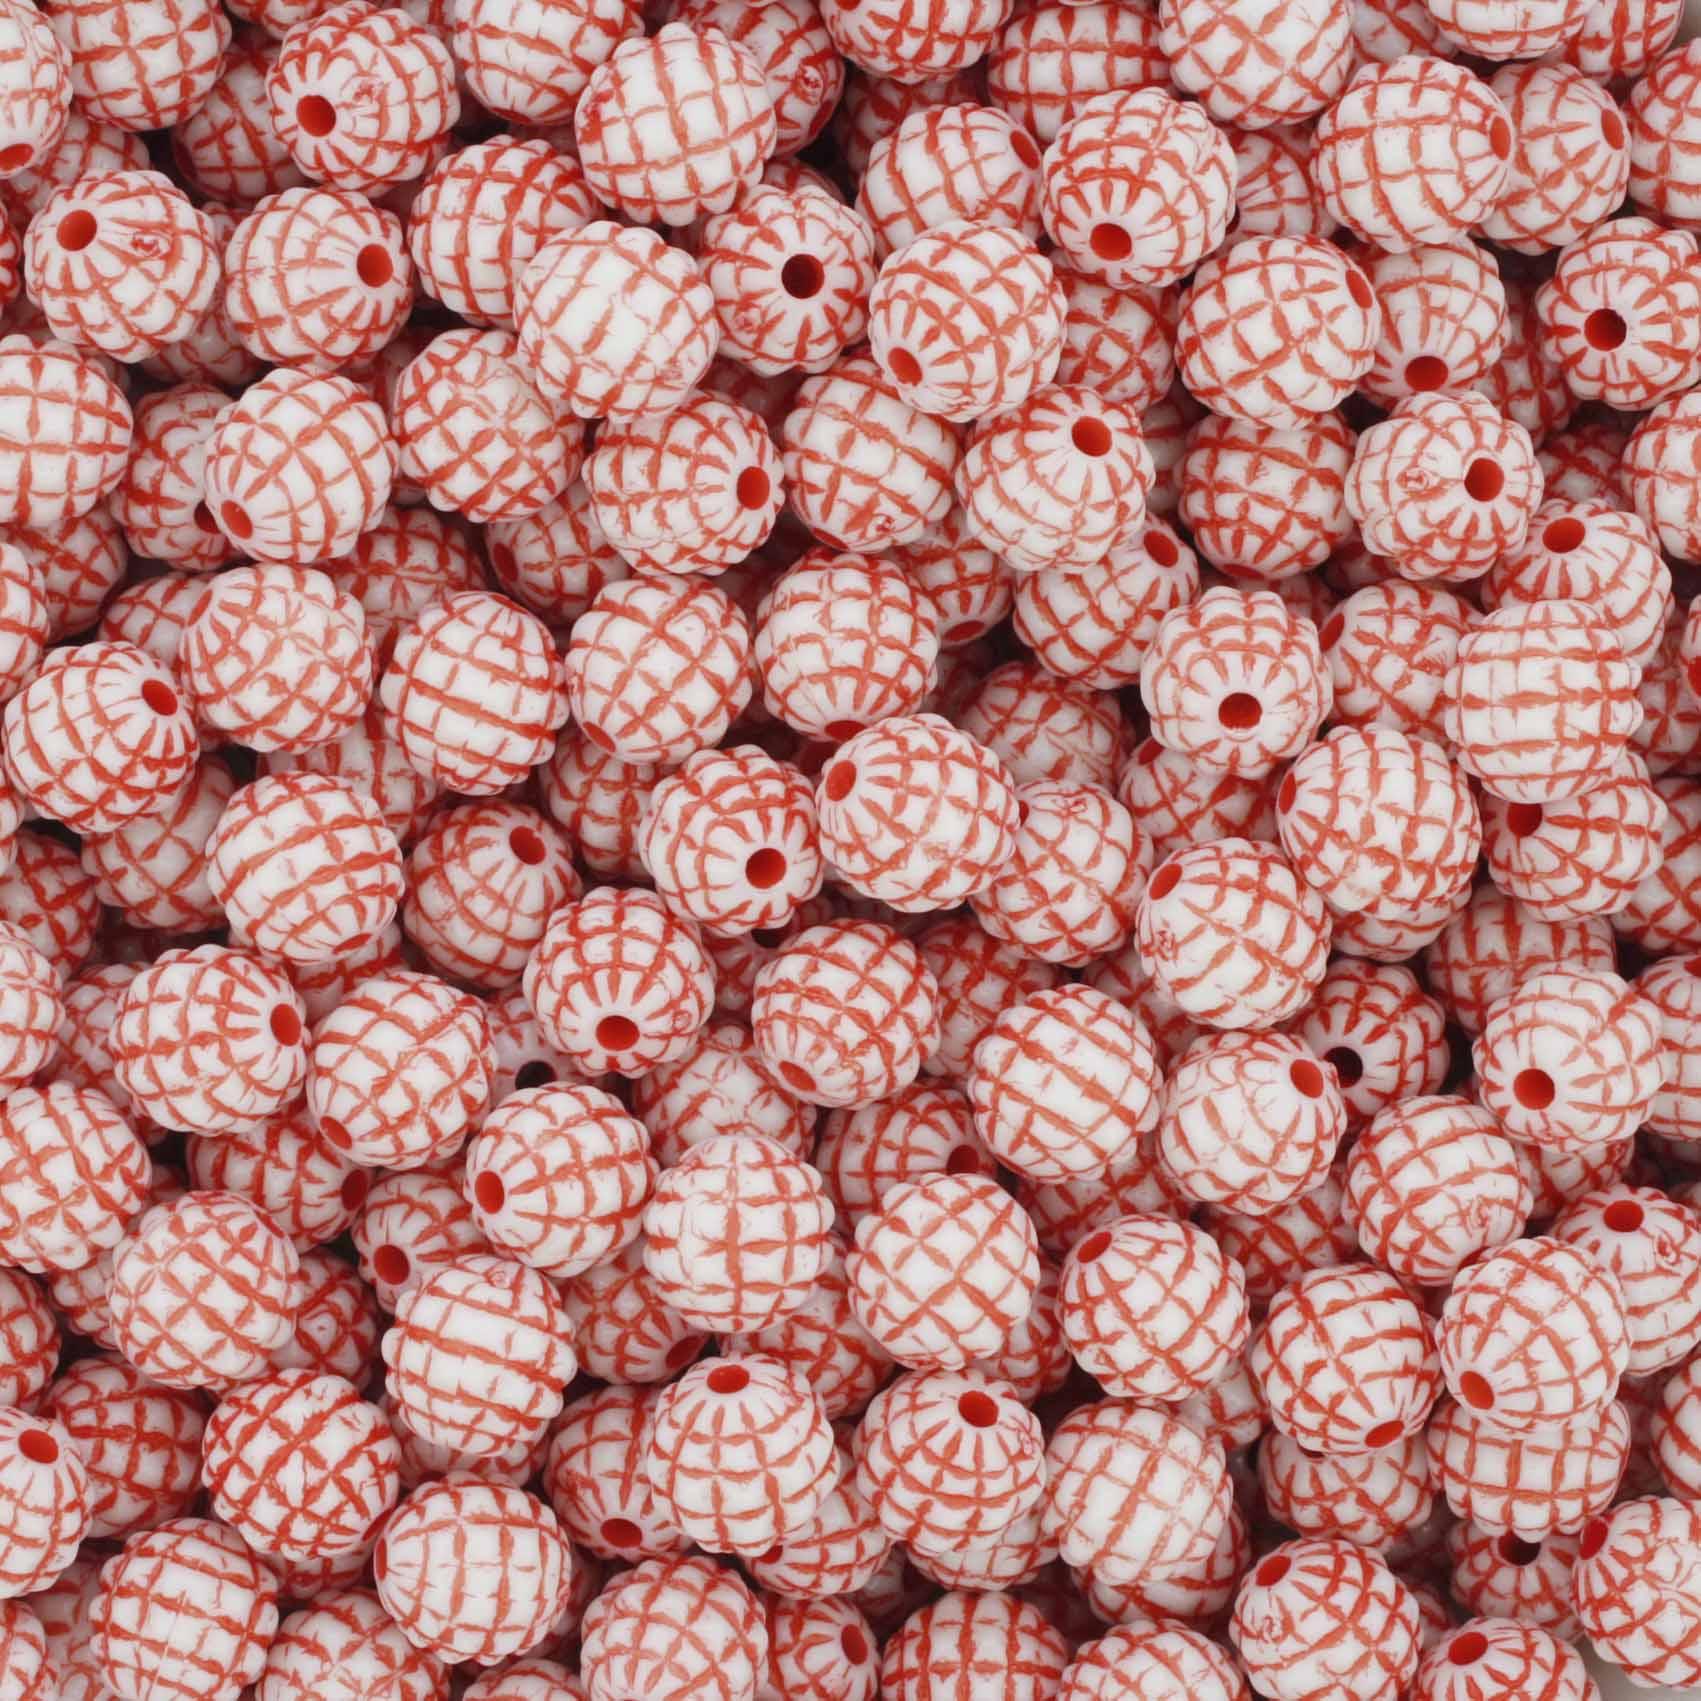 Miçanga Pesca - Abacaxi Branca e Vermelha  - Stéphanie Bijoux® - Peças para Bijuterias e Artesanato